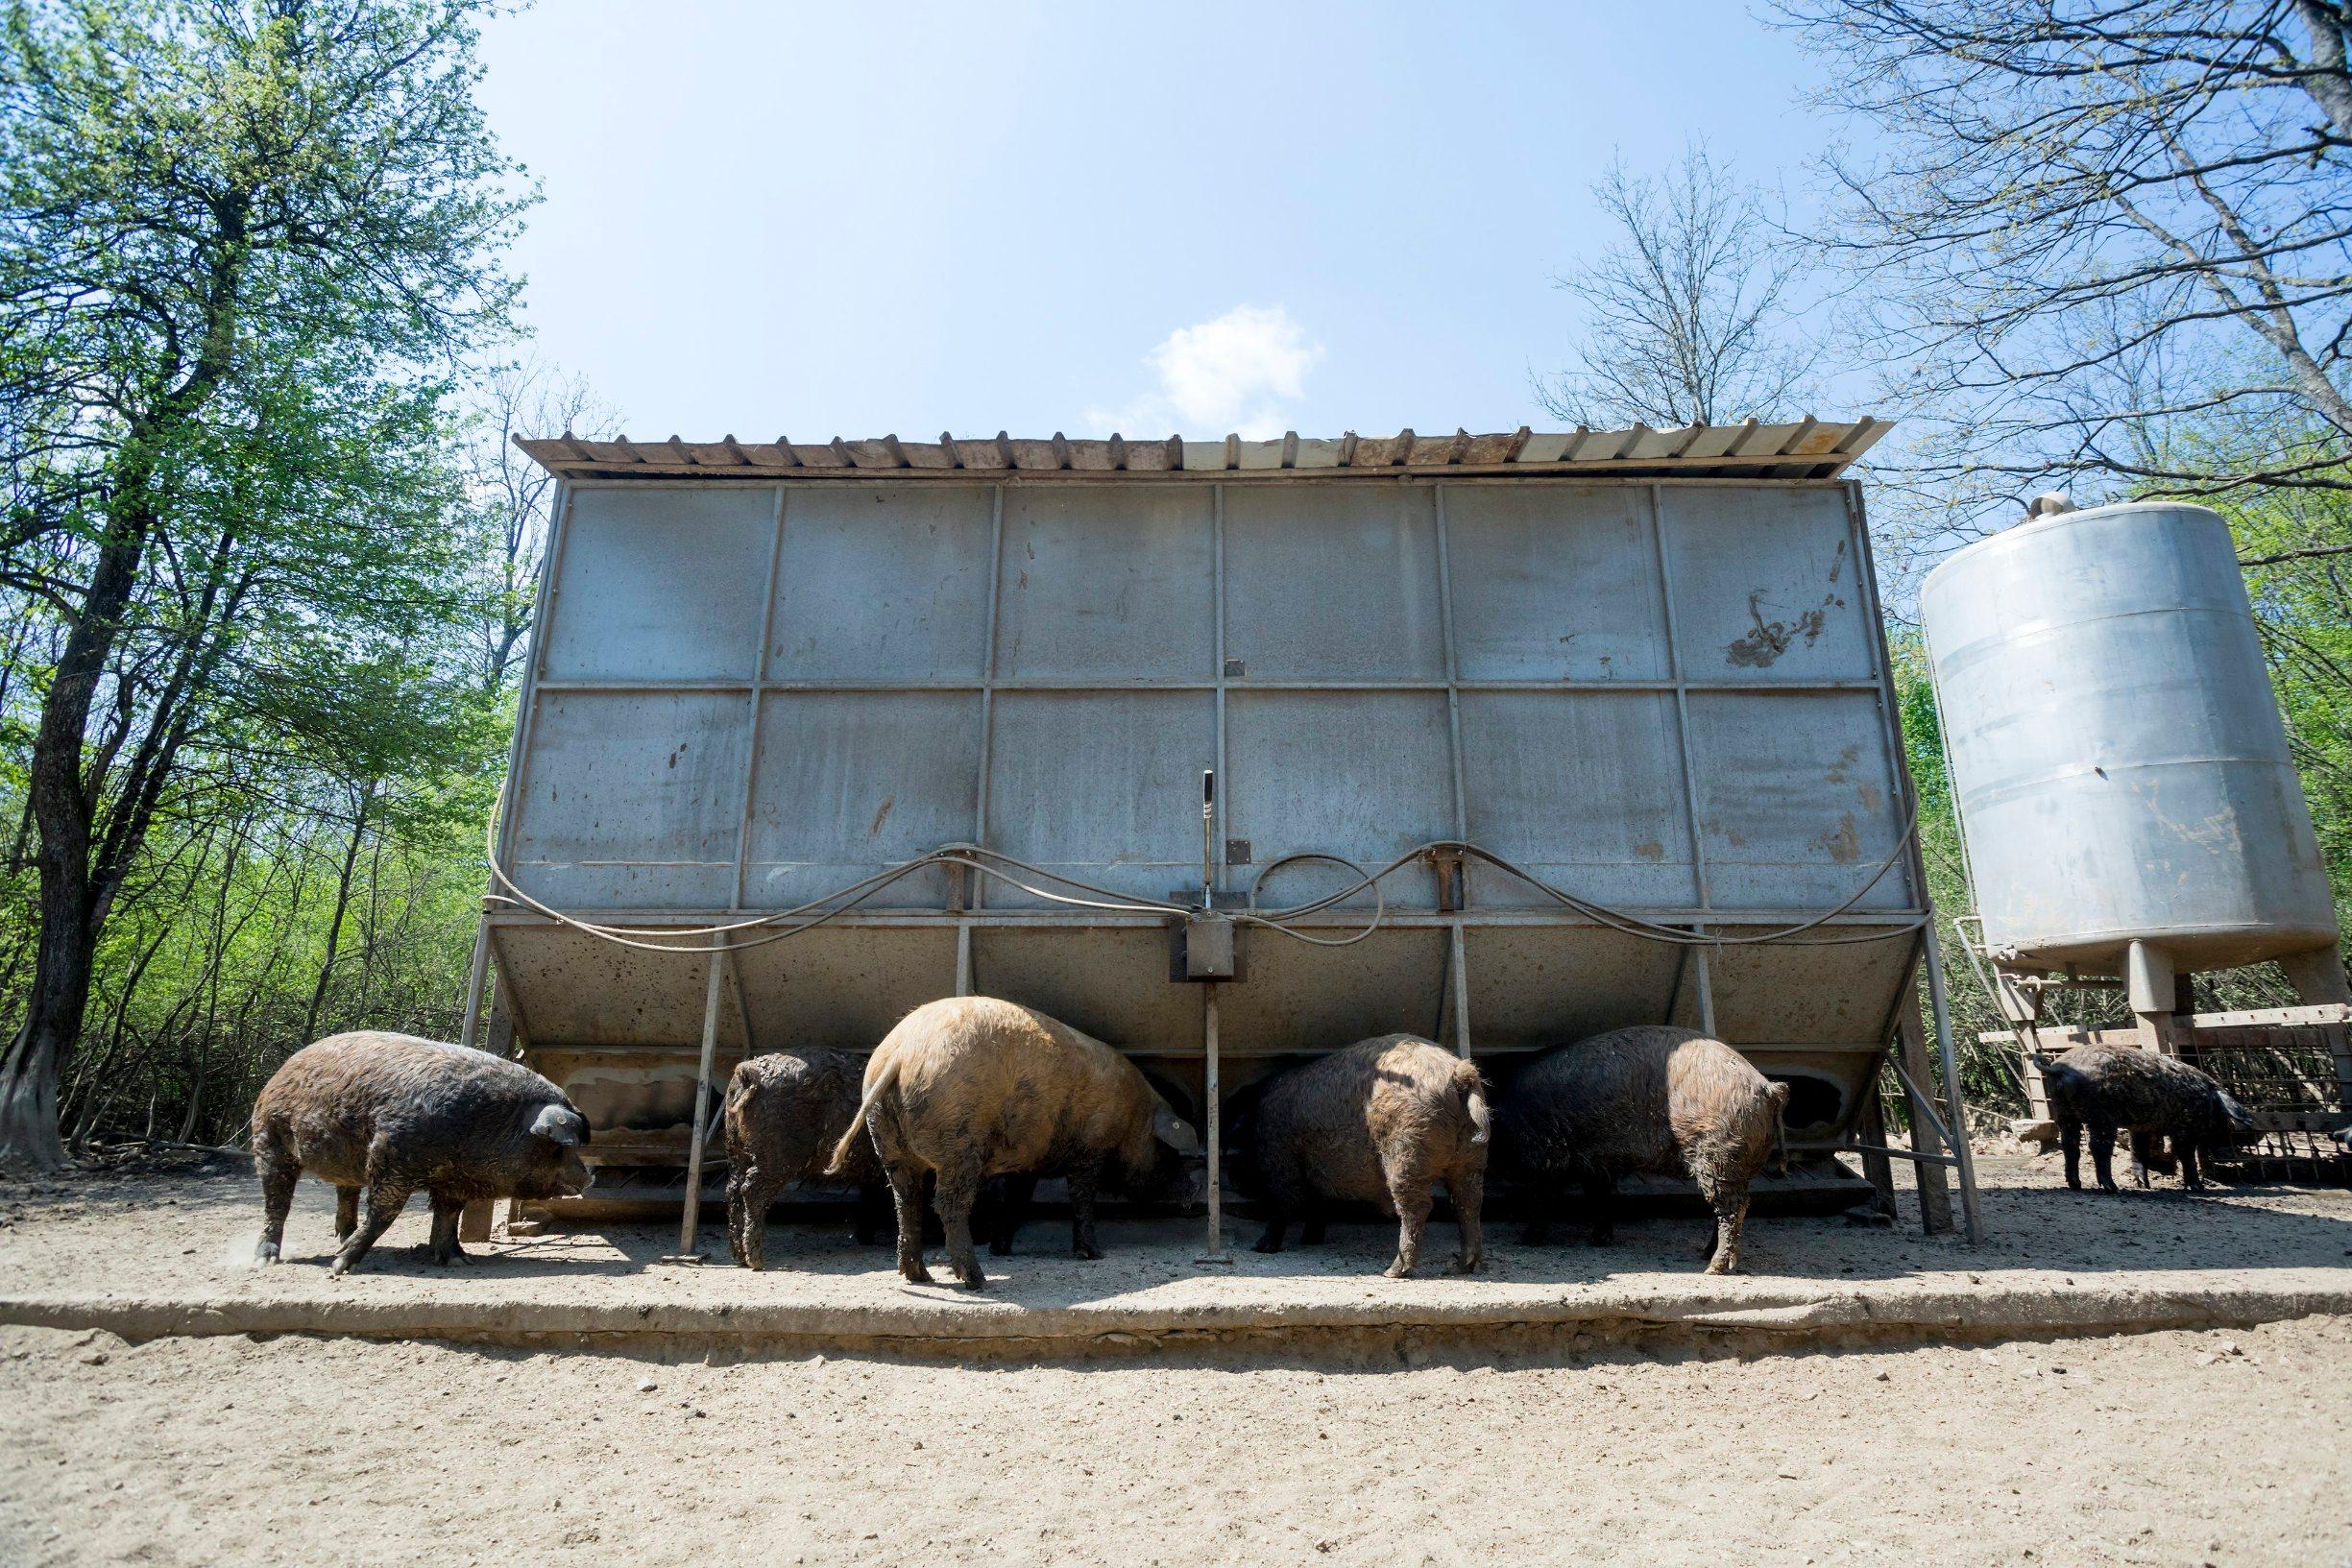 Gornji Poloj, Barilovic, 270420. Farma The M Brothers na kojoj braca Maturanec ozgajaju krave i krmace, te posjeduju vlastitu klaonicu. Na fotografiji: krmace mangalice. Foto: Tomislav Kristo / CROPIX